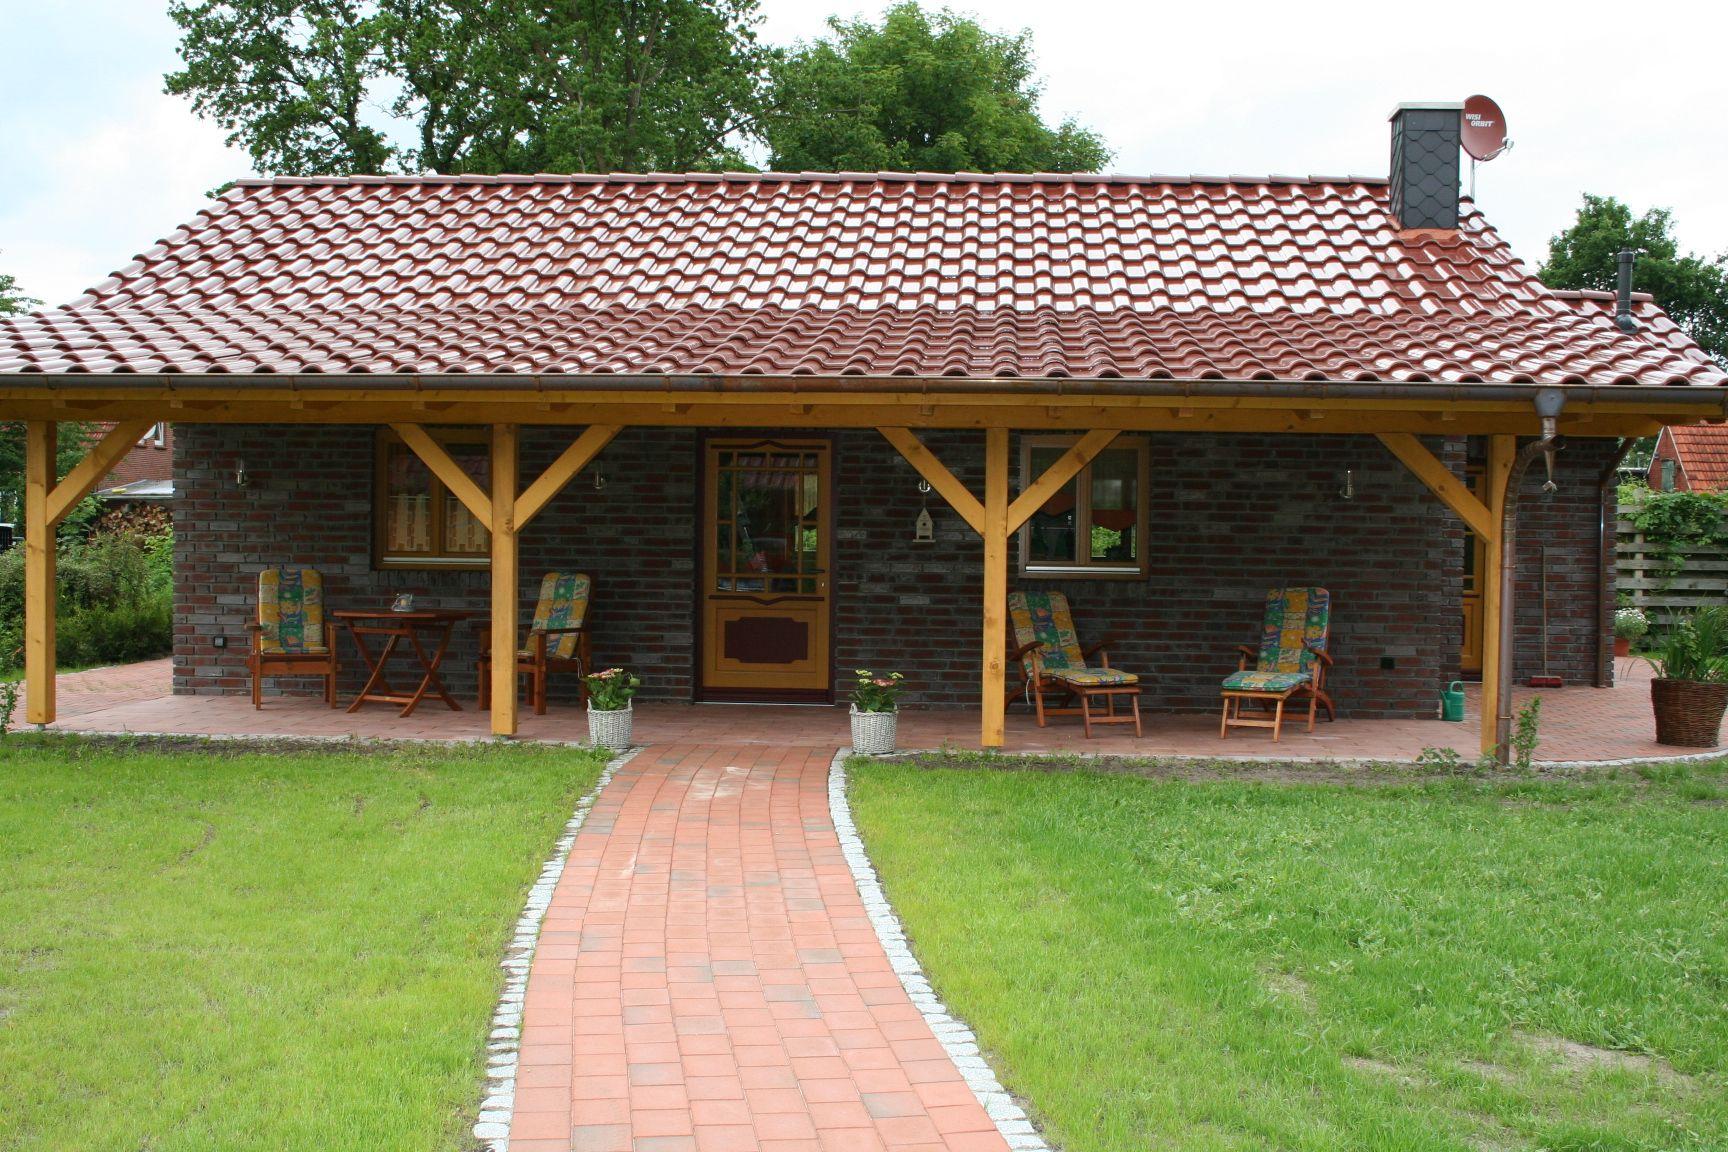 Ferienhaus Henkel*****, Ostfriesland, Rhauderfehn Buchen